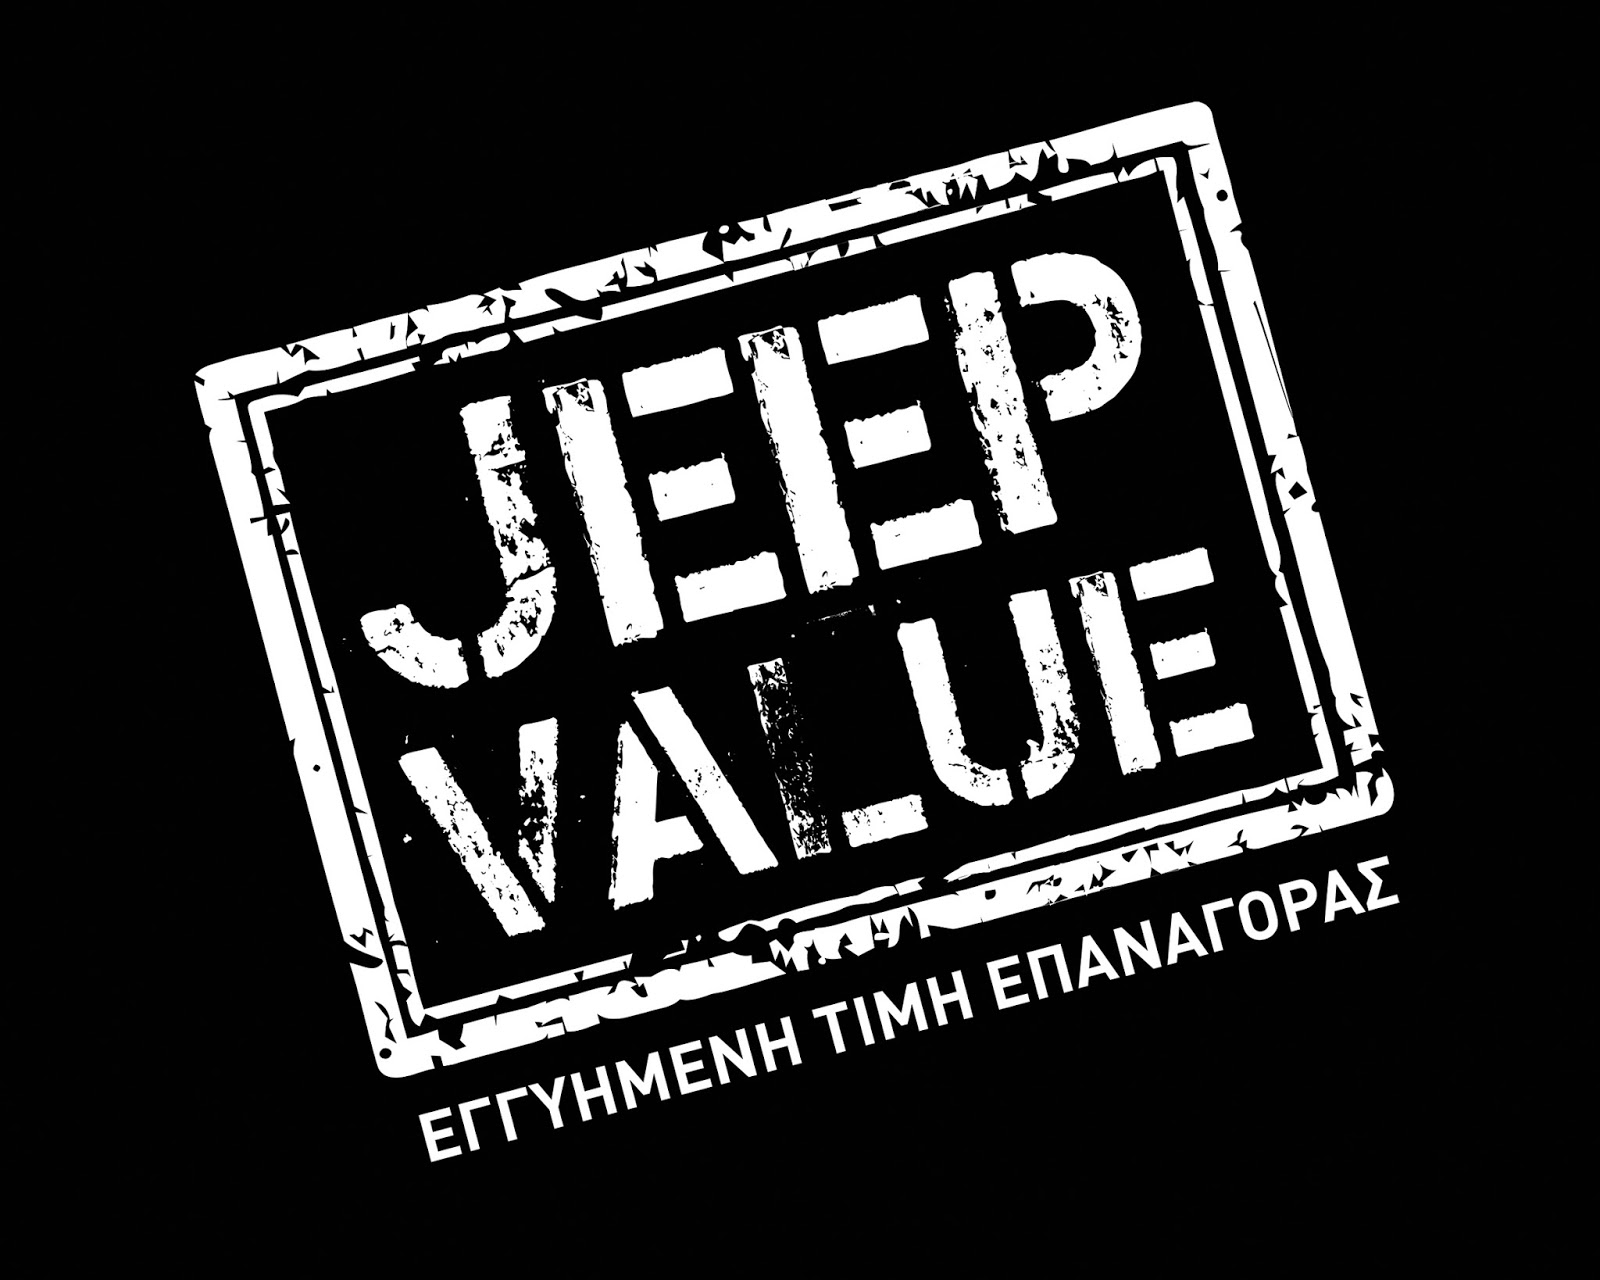 Jeep2BValue2BLogo B2526W Οι κάτοχοι Jeep έχουν προσυμφωνημένη την αξία μεταπώλησης του αυτοκινήτου τους! Jeep, Jeep Renegade, Jeep Renegade 1.6L Sport 4Χ2, Jeep Renegade 2.0L Longtitude 4Χ4, Jeep Value, Lancia Jeep Hellas, προσφορές, πωλήσεις